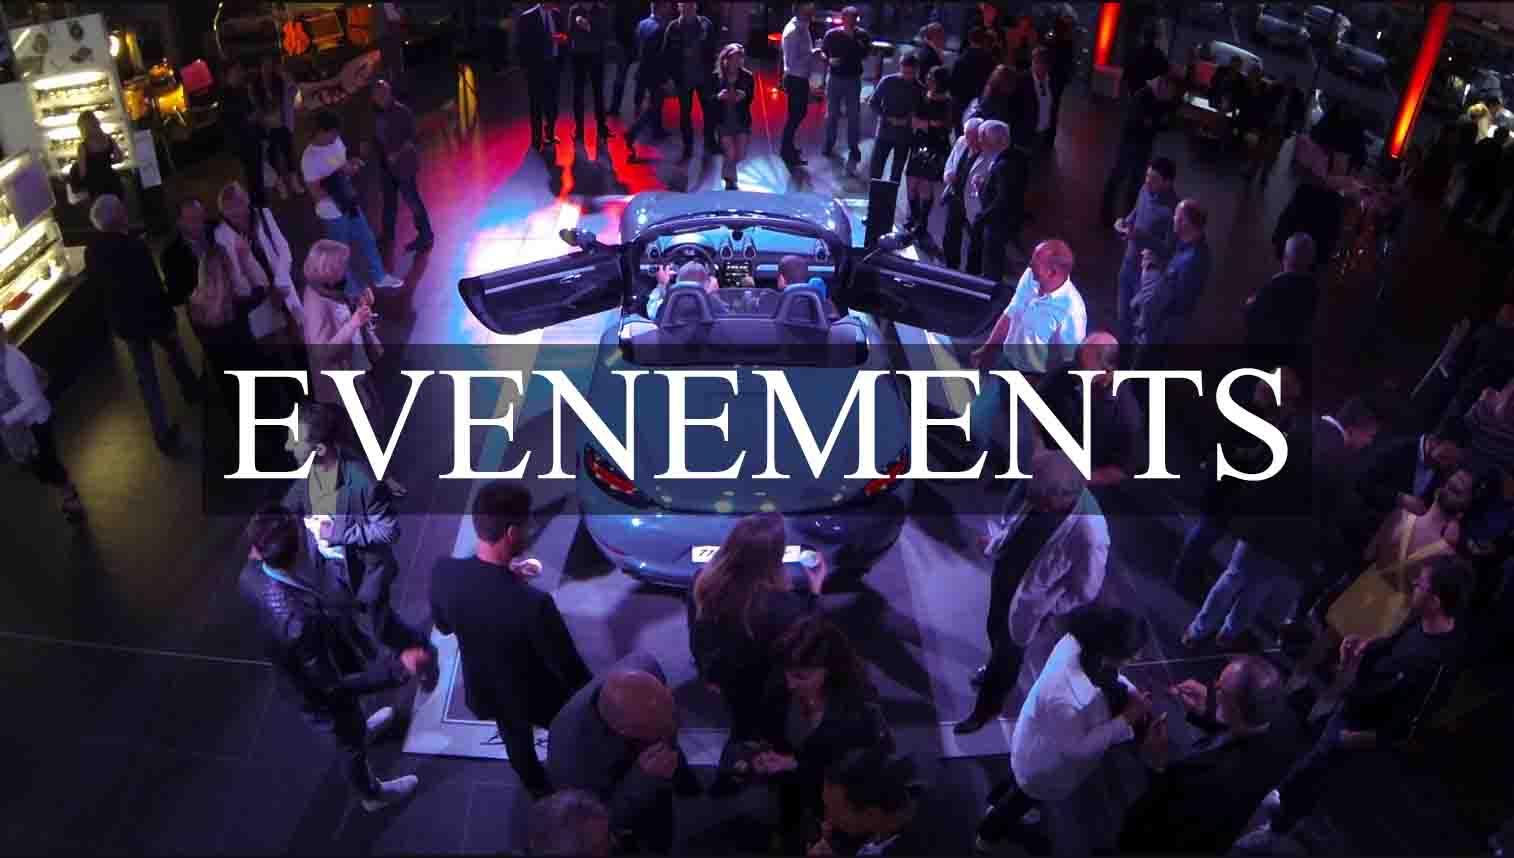 vidéo d'inauguration d'une nouvelle voiture